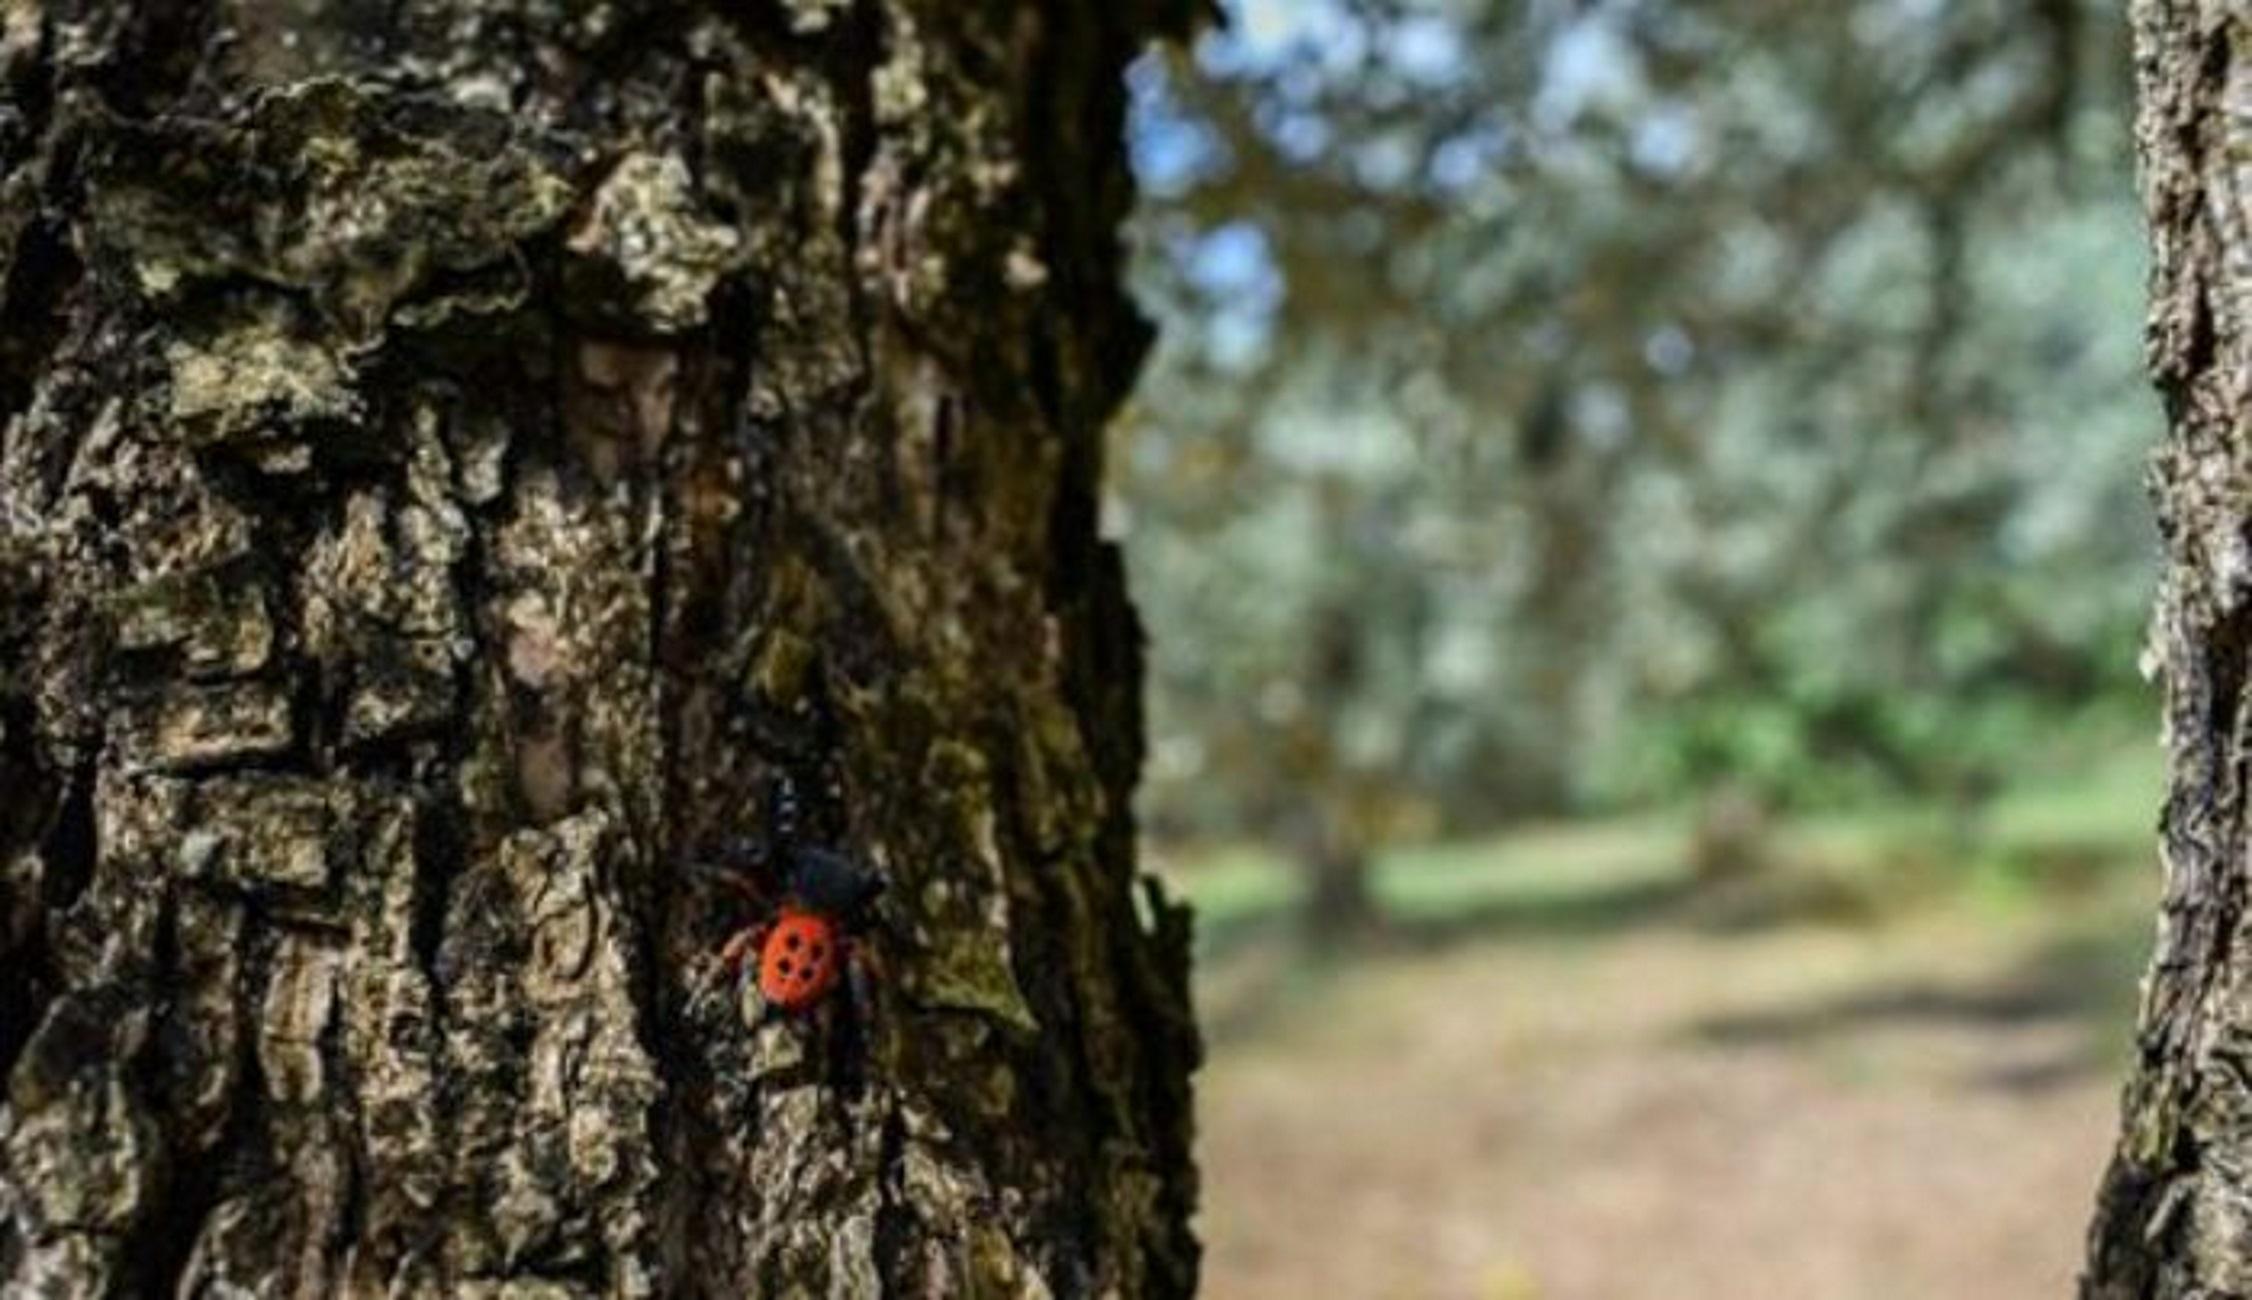 Αιτωλοακαρνανία: Πλησίασε τον κορμό του δέντρου και είδε αυτές τις εικόνες! Η έκπληξη και ο ενθουσιασμός (Φωτό)